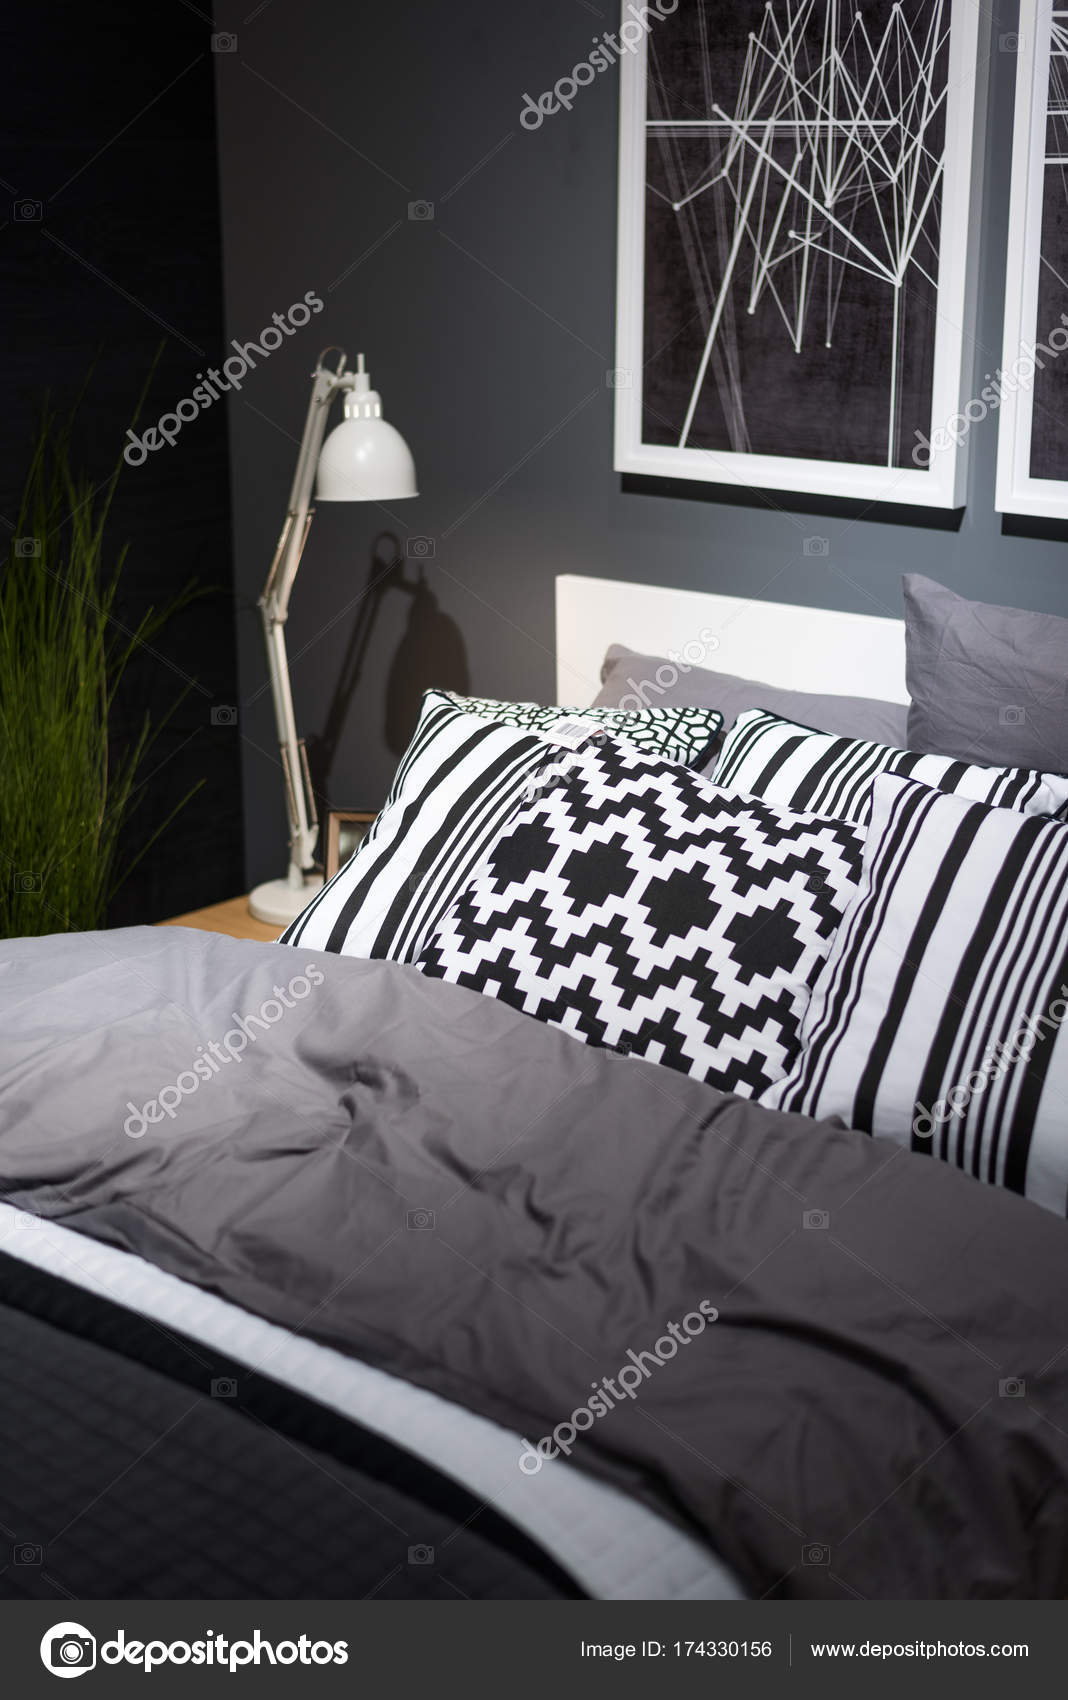 Superbe Lit Avec Oreillers Dans Chambre Coucher Près Mur Noir Intérieur U2014 Photo